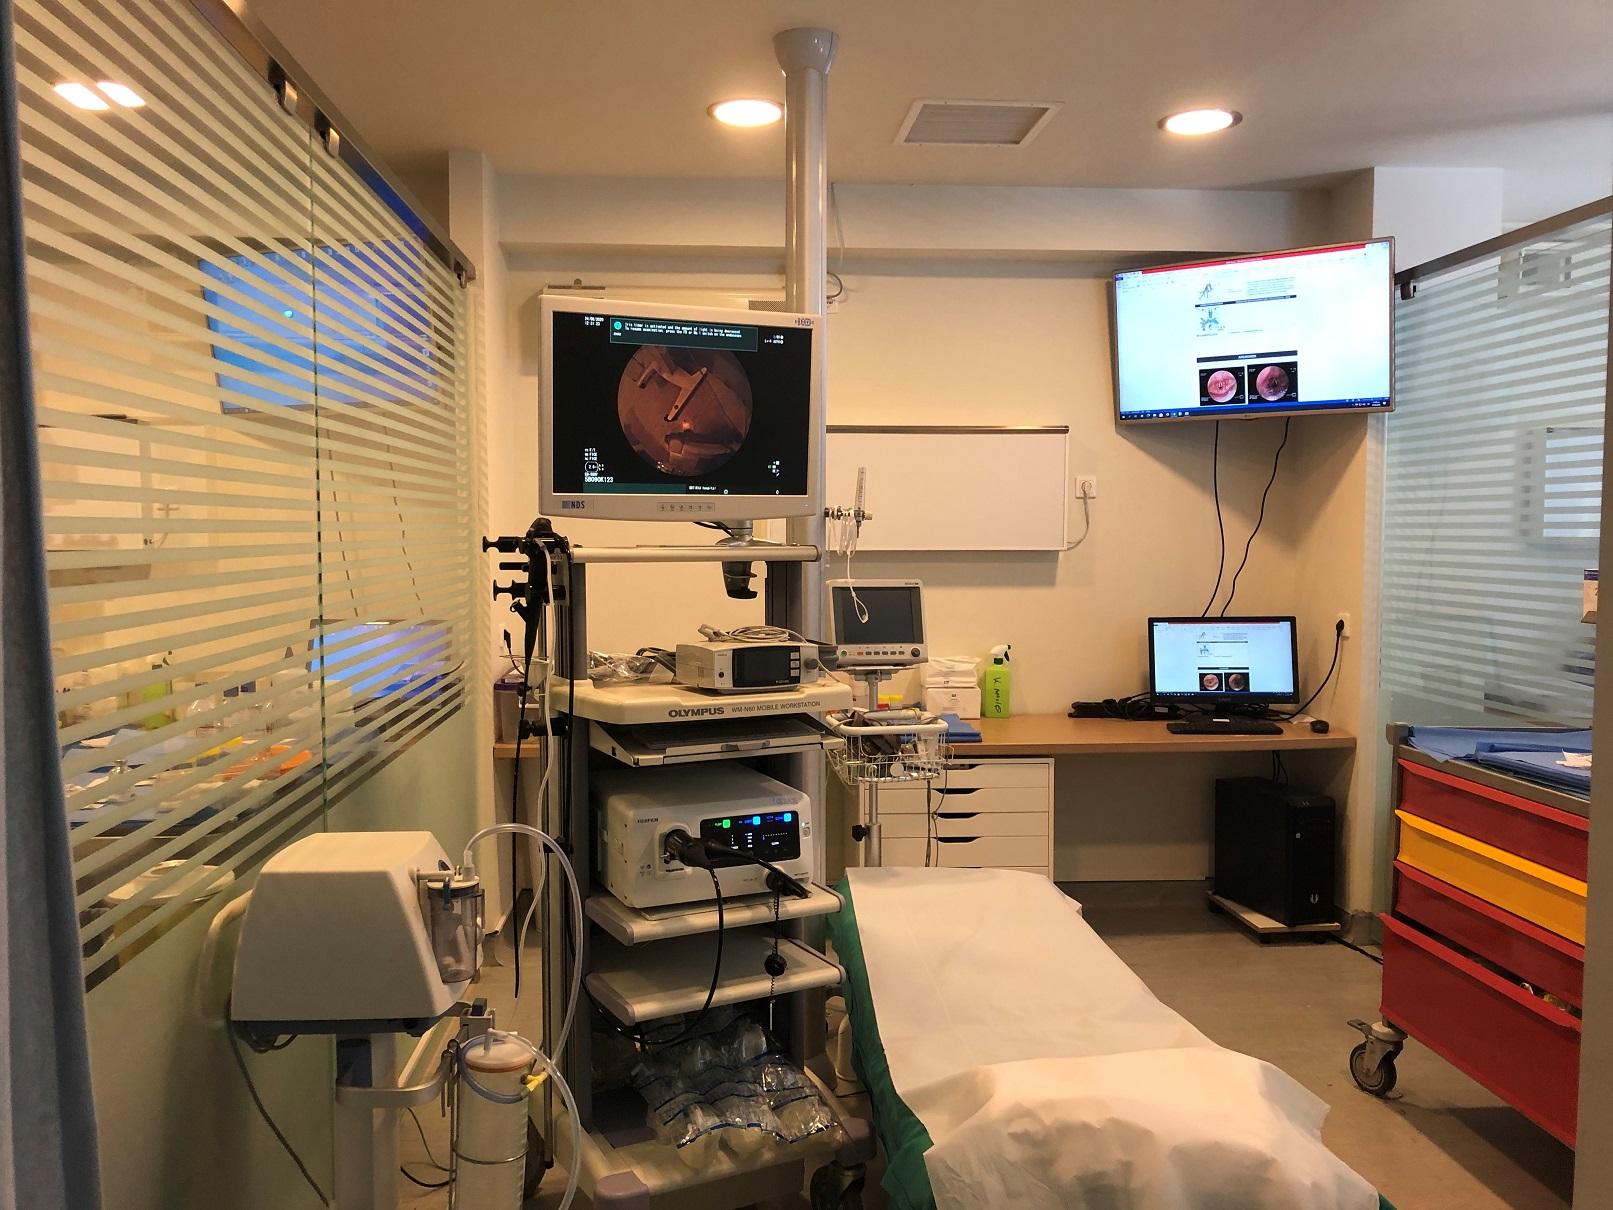 Δωρεά ιατρικού εξοπλισμού από το Ίδρυμα Ευγενίδου στην 7η Πνευμονολογική Κλινική του Νοσοκομείου «Η ΣΩΤΗΡΙΑ»